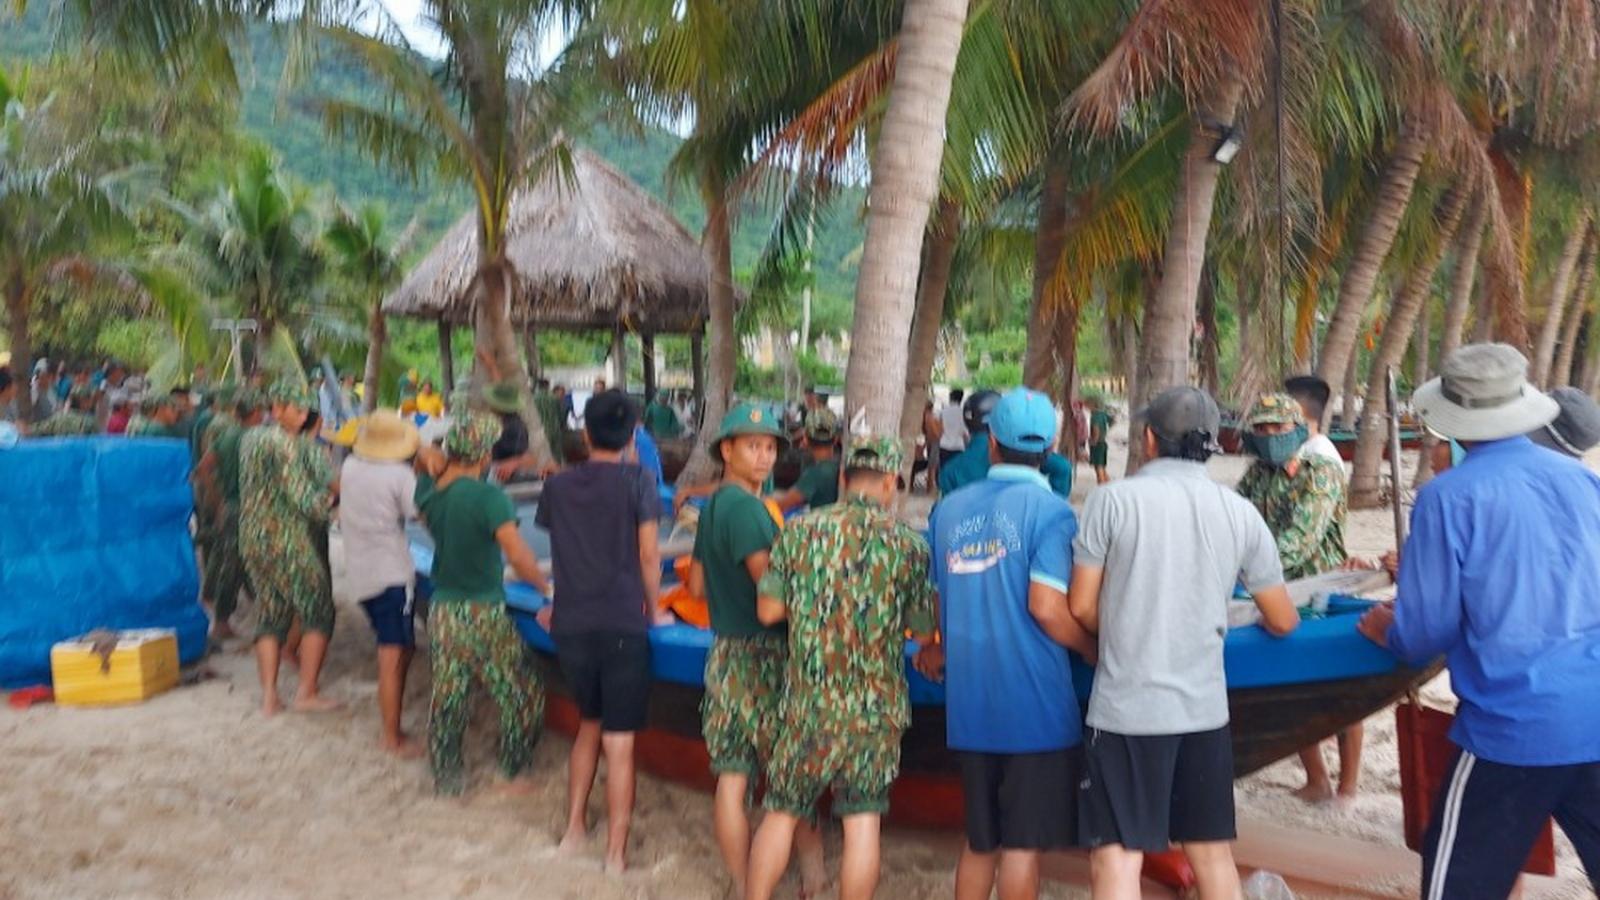 Quảng Namđưa hơn 10 tấn hàng ra Cù Lao Chàm trước khi bão số 9 vào bờ